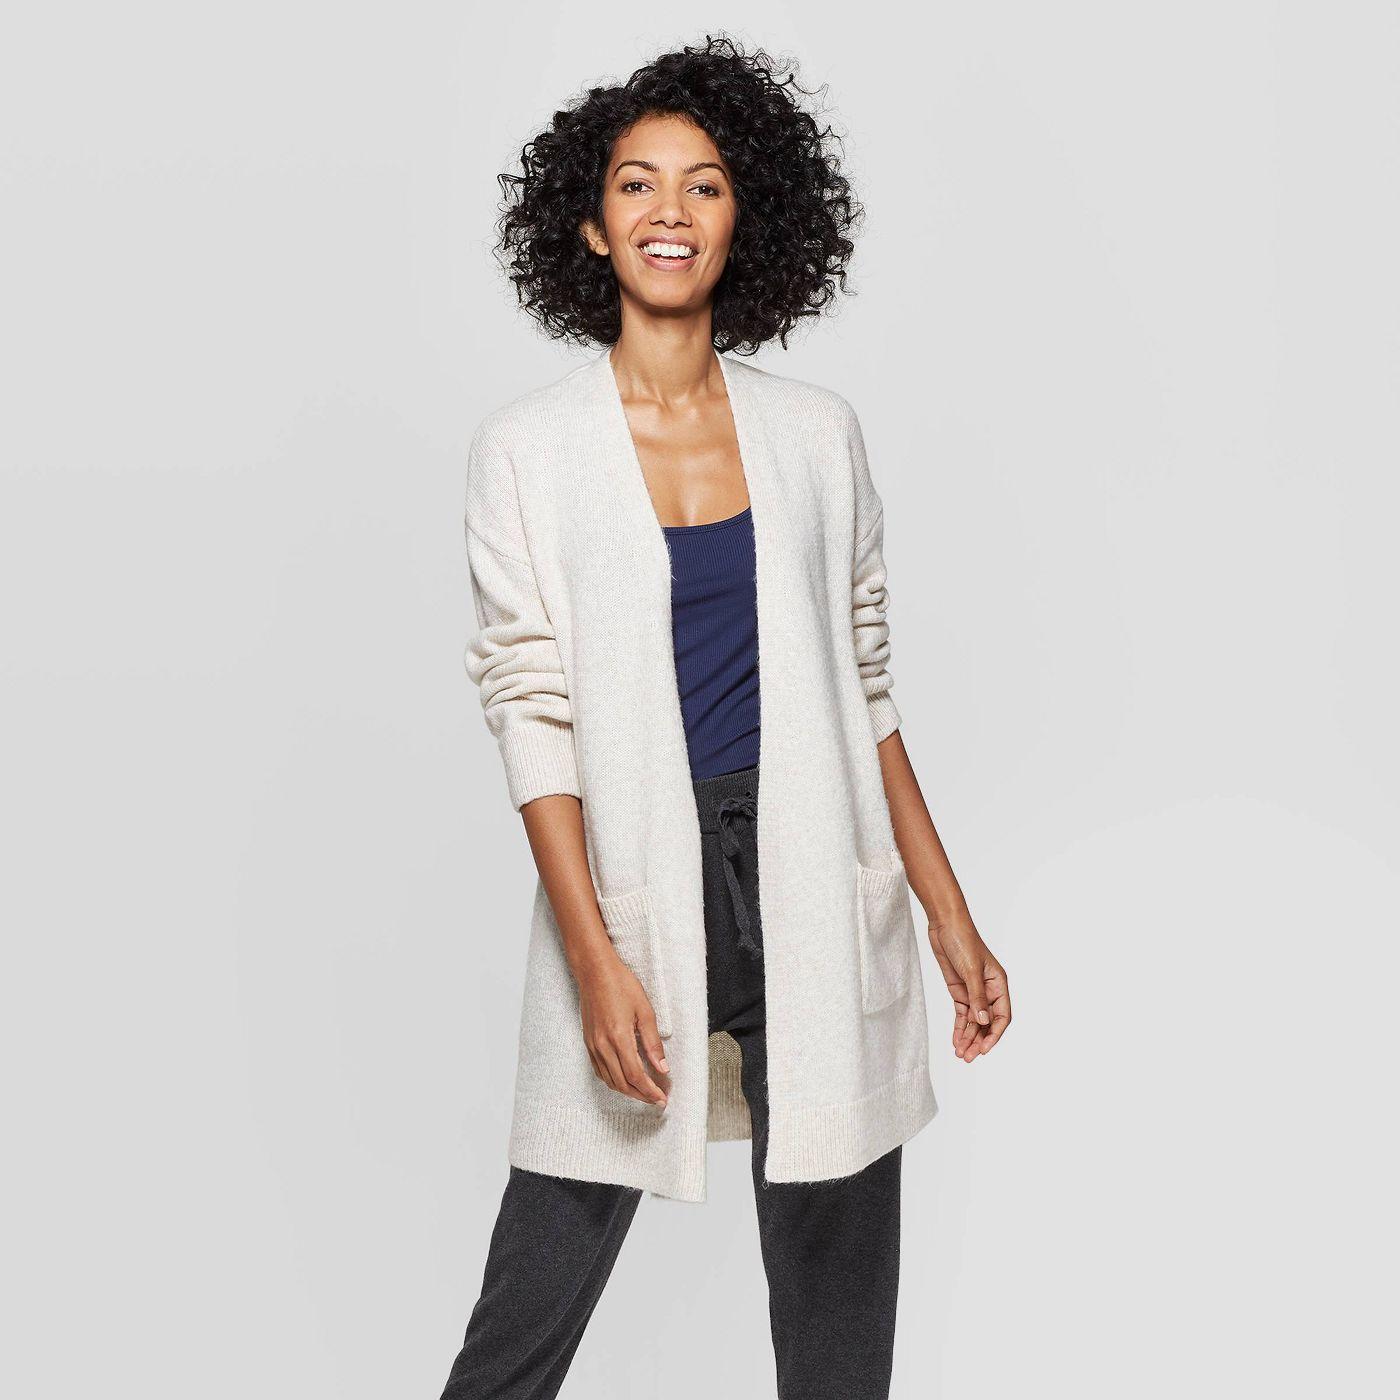 Women's Sweater Robe - Stars Above™ - image 1 of 2